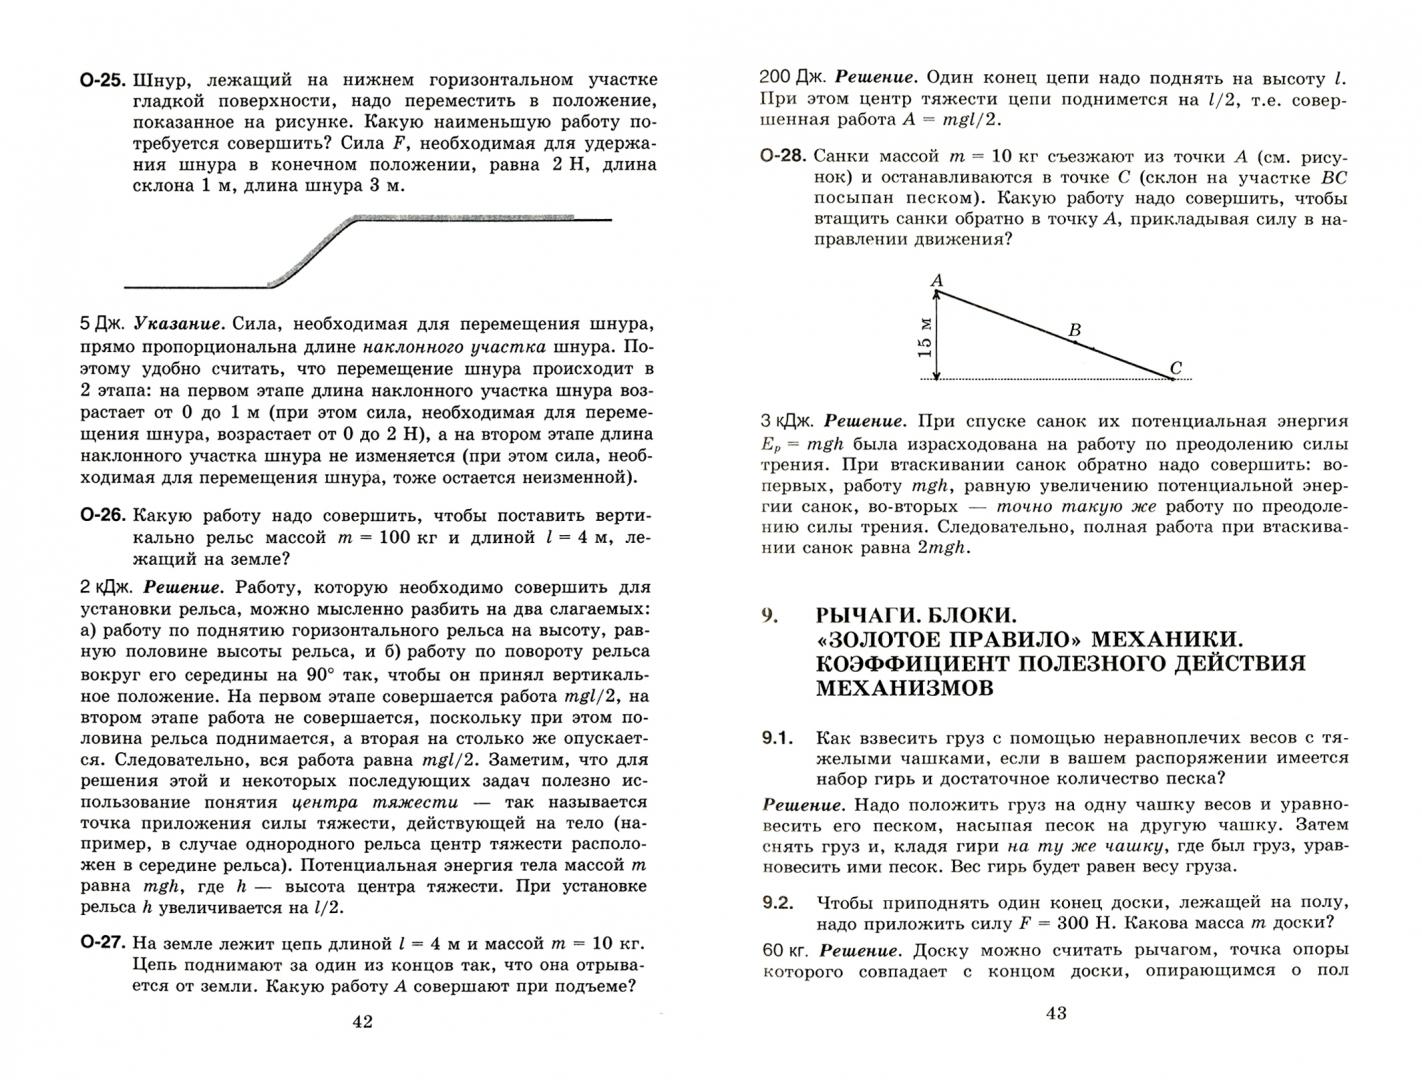 Иллюстрация 1 из 23 для Физика. 7-9 классы. Решение ключевых задач для основной школы - Генденштейн, Кирик, Гельфгат | Лабиринт - книги. Источник: Лабиринт